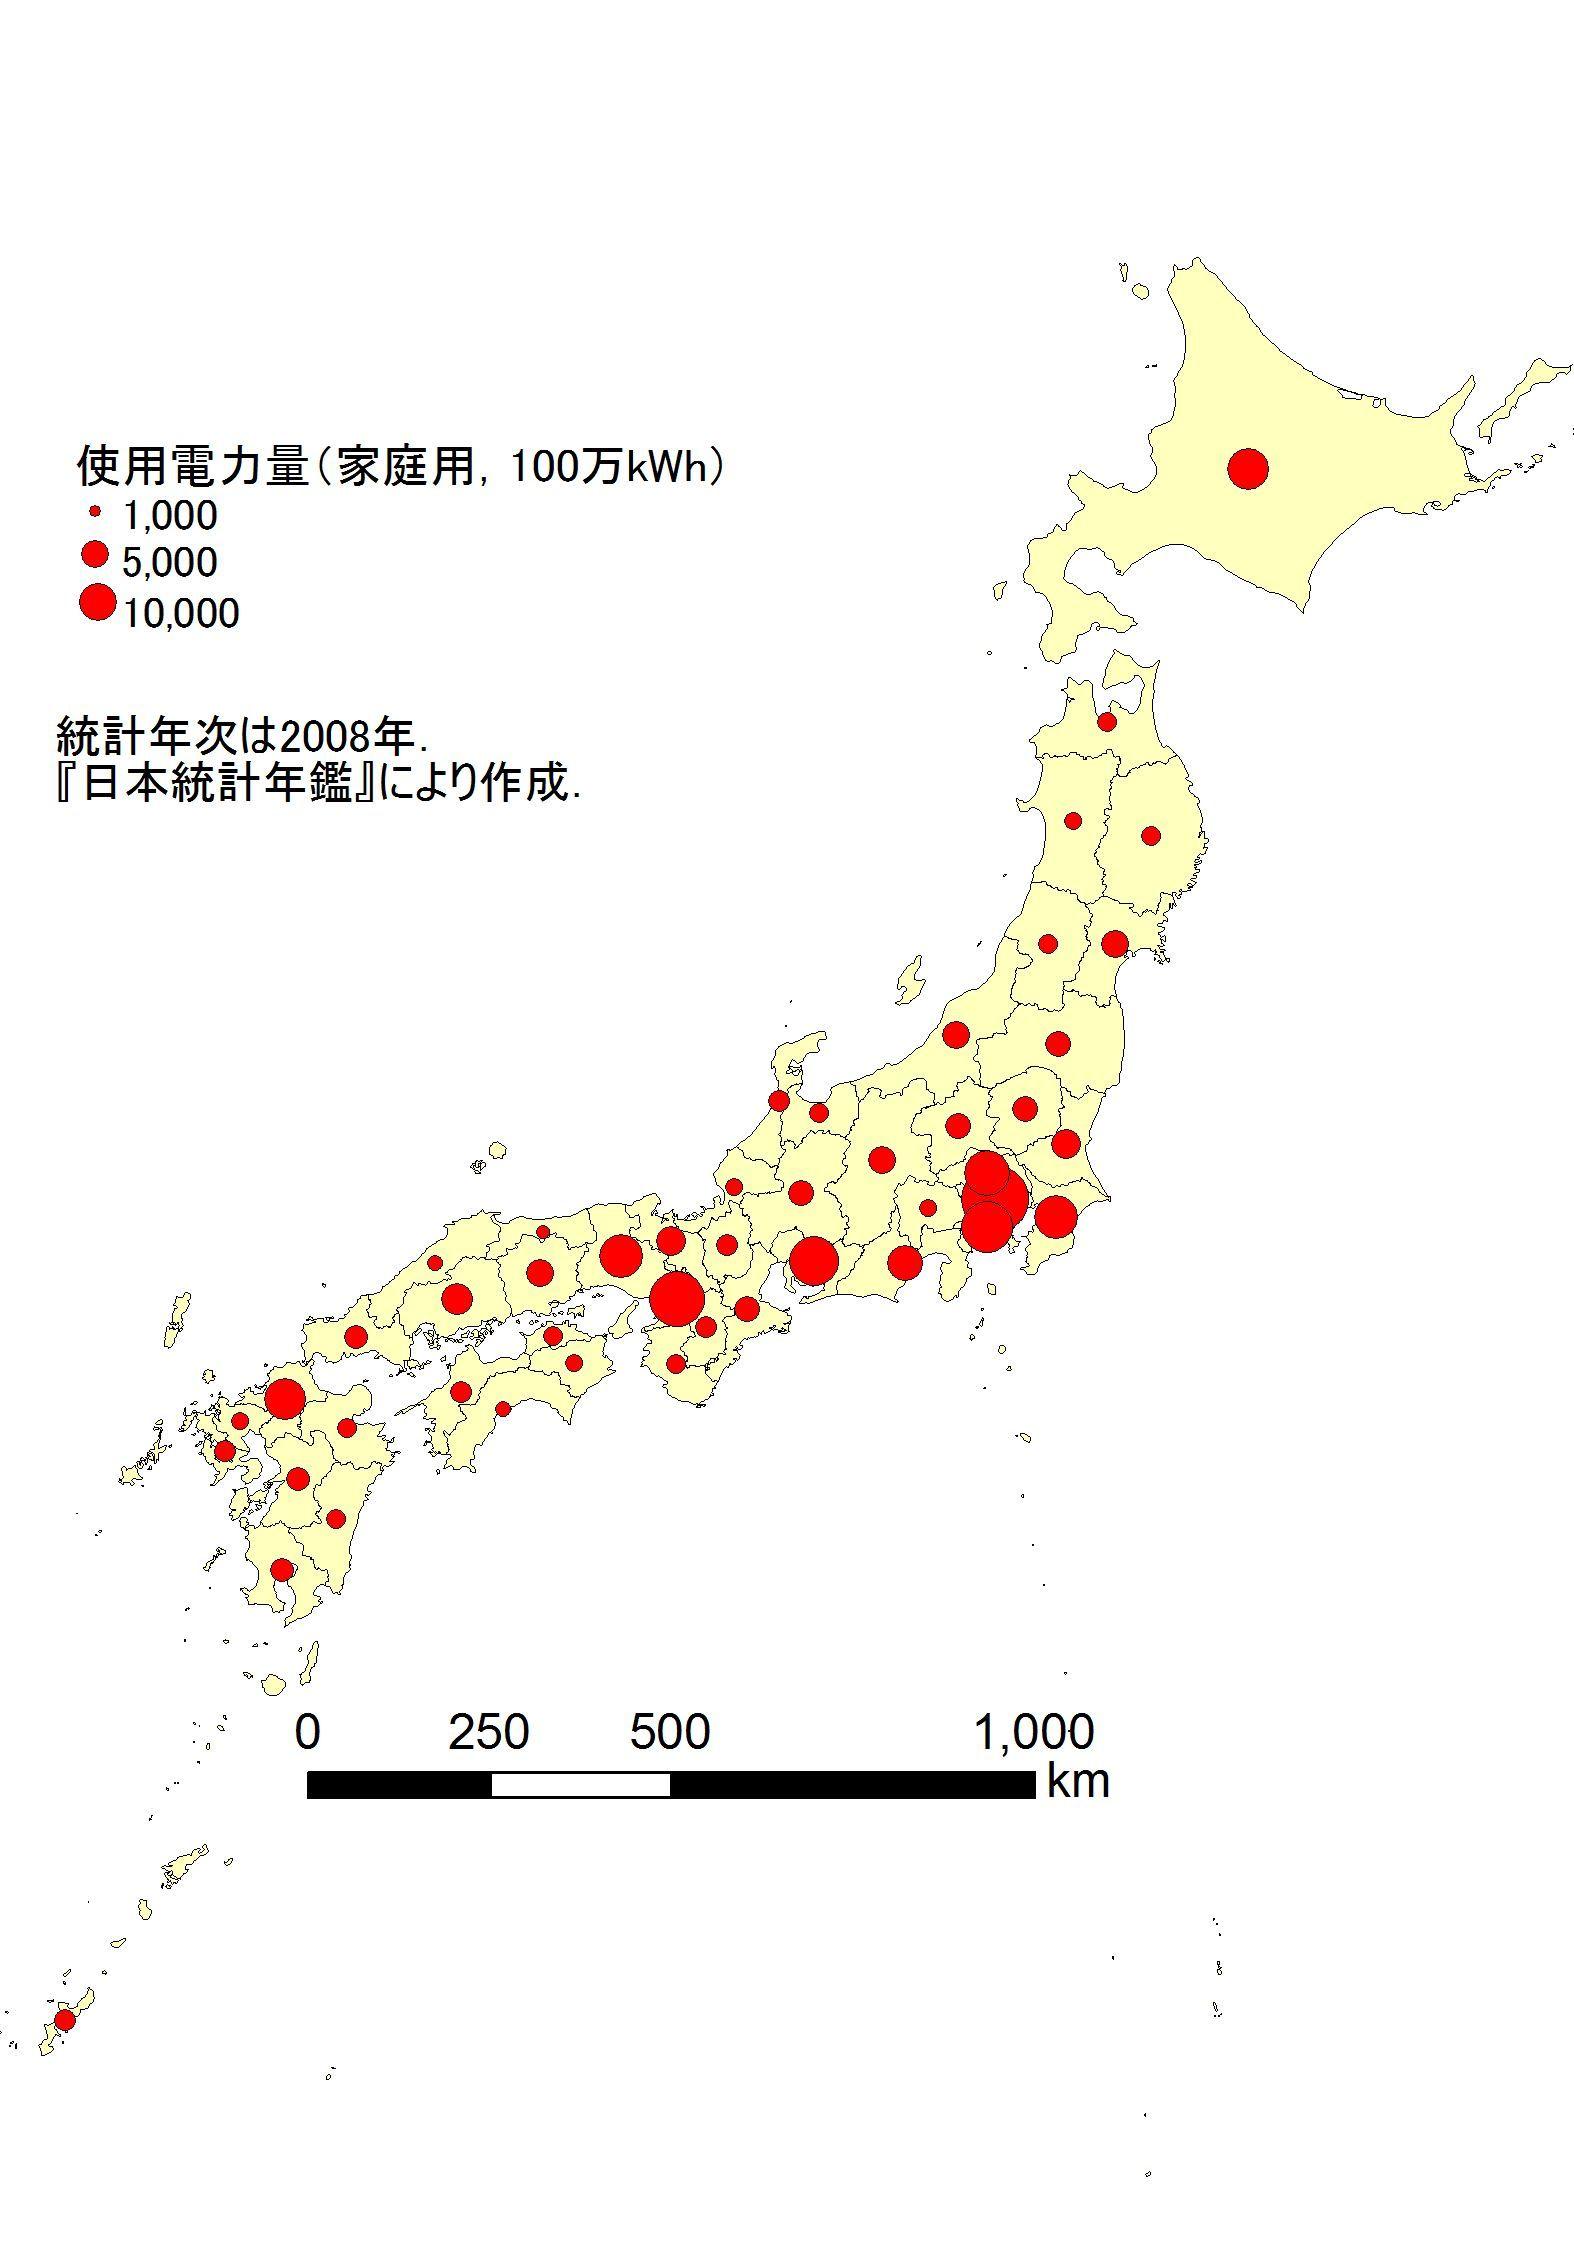 (d)図形表現図. 人口・家畜頭数や、電力量・生産量の分布に用いられる。